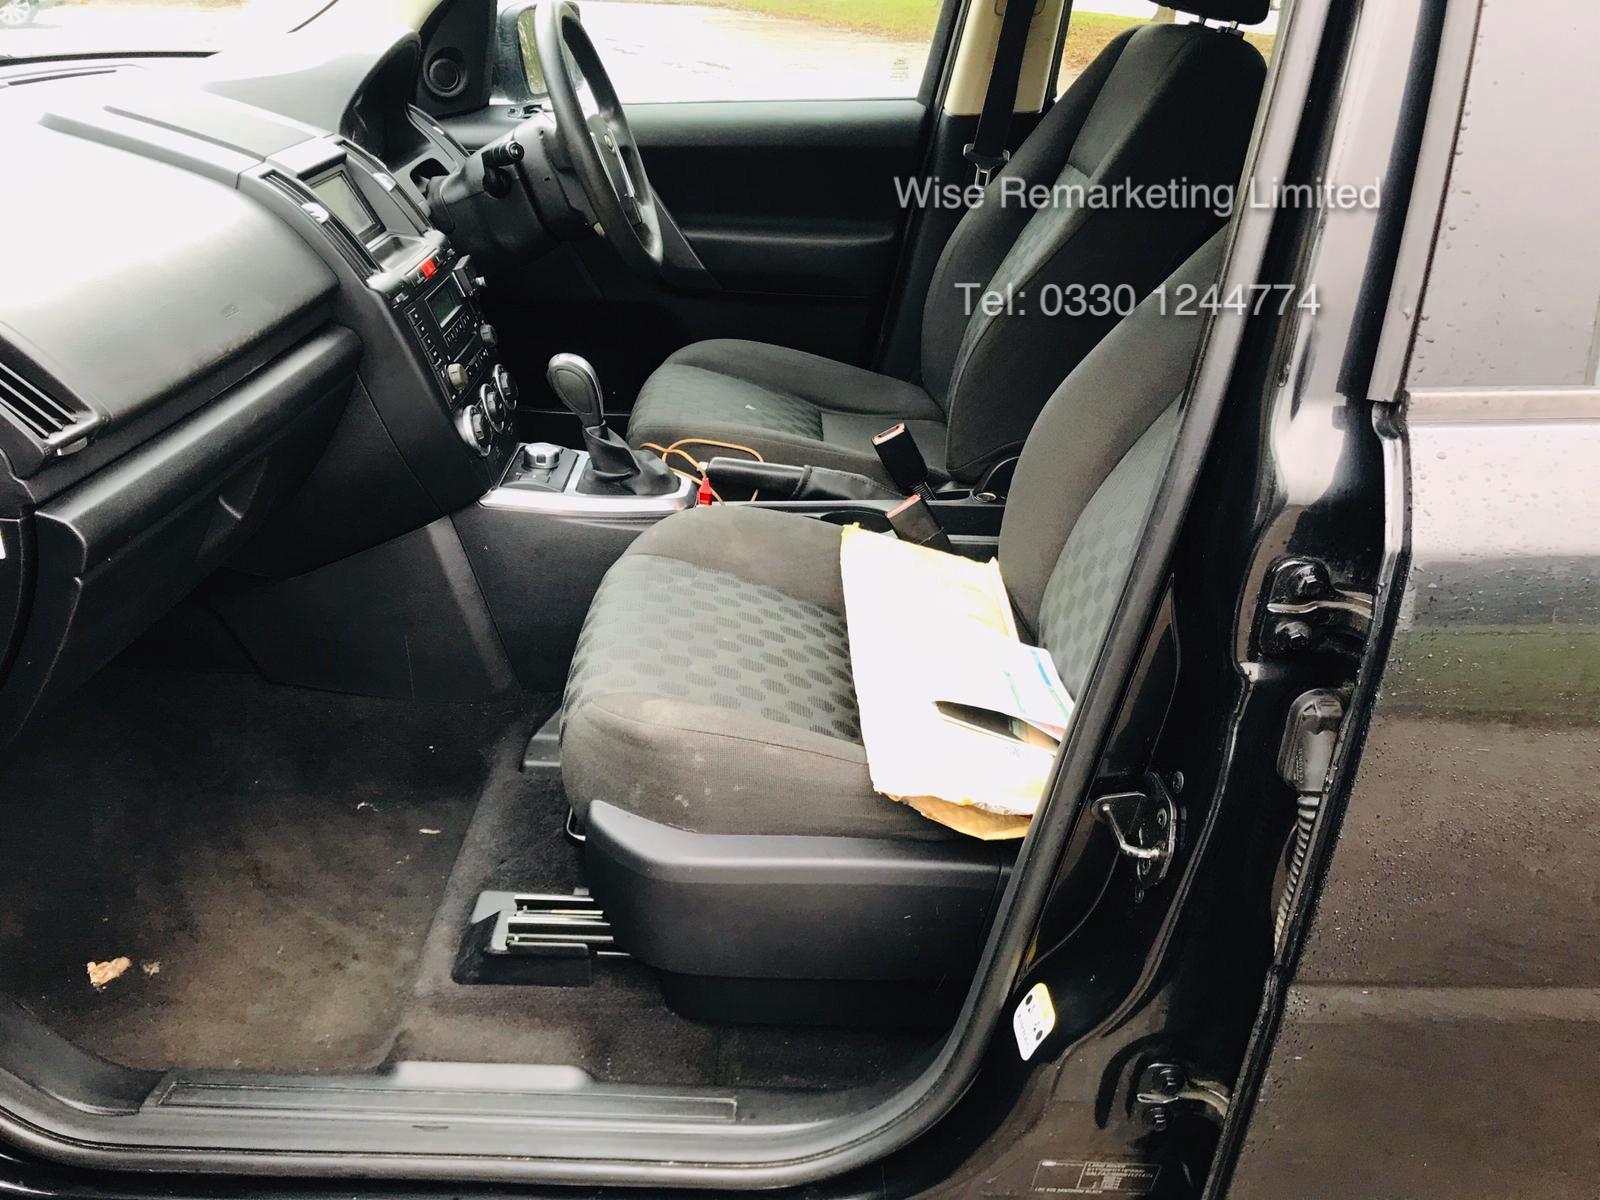 Land Rover Freelander GS 2.2 TD4 Auto - 2009 09 Reg - Service History - Sat Nav - Image 11 of 27